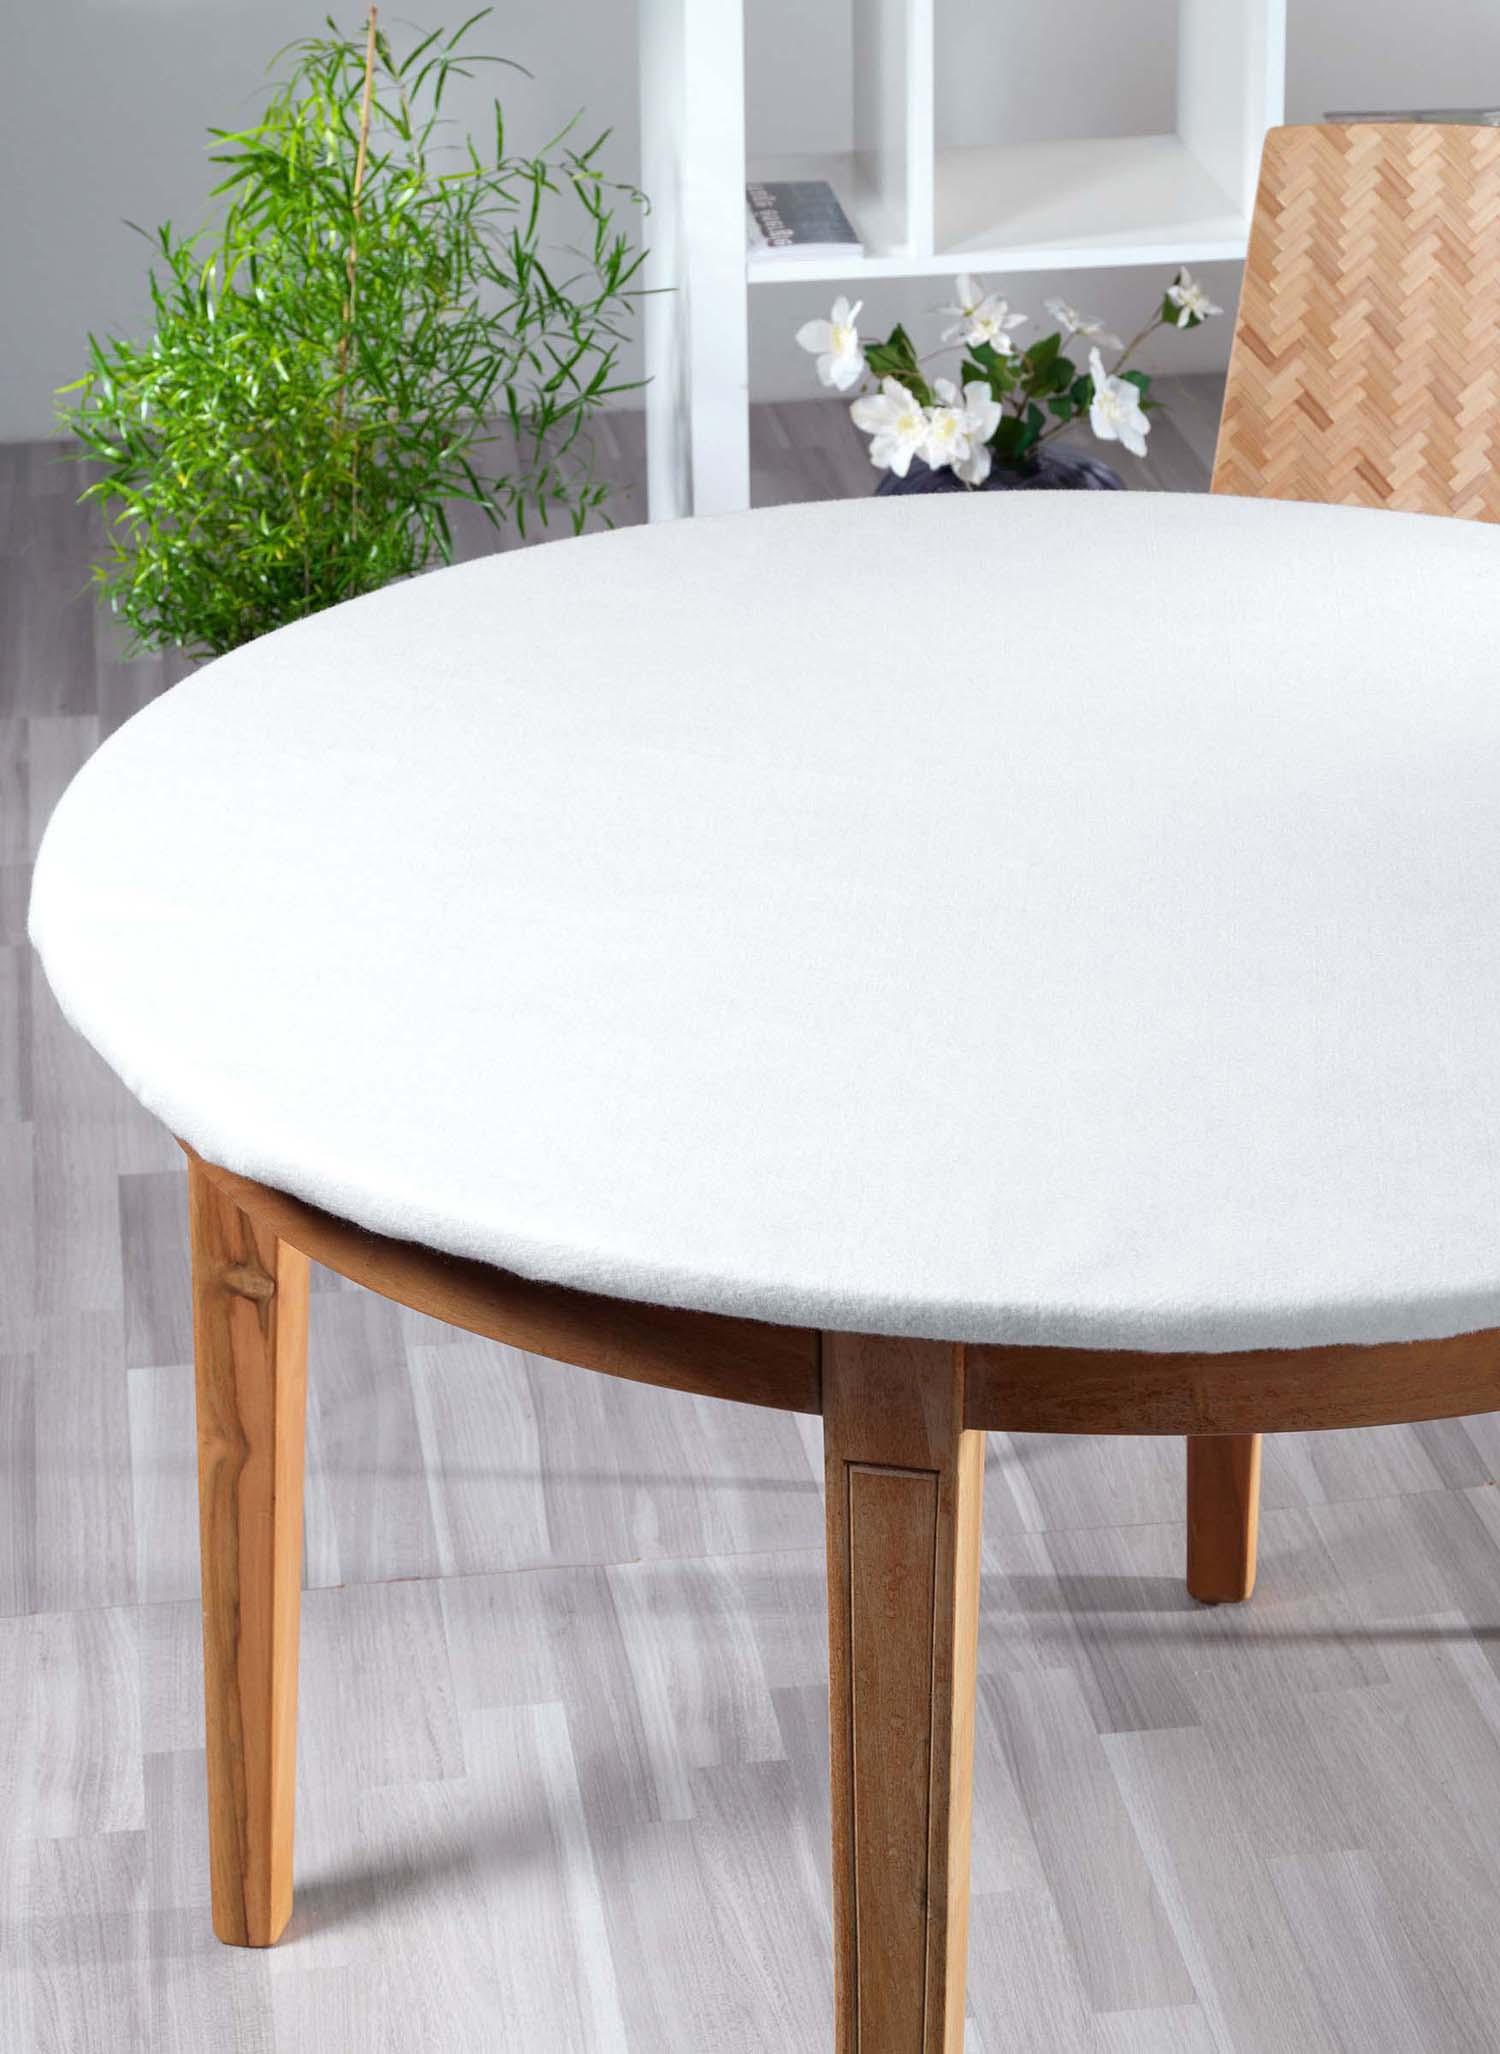 Mollettone per tavolo - Mollettone per stirare sul tavolo ...